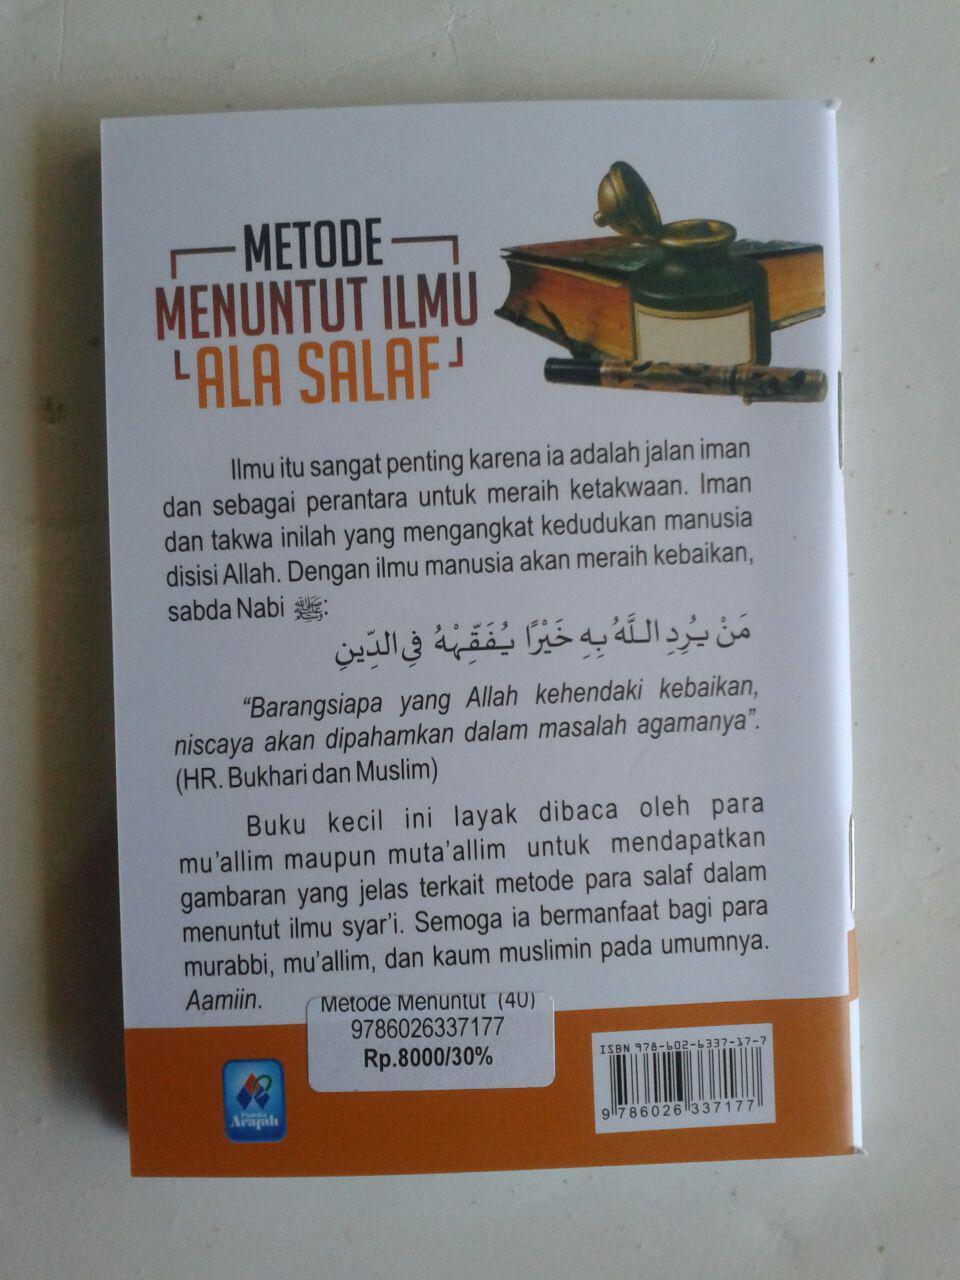 Buku Saku Metode Menuntut Ilmu Ala Salaf cover